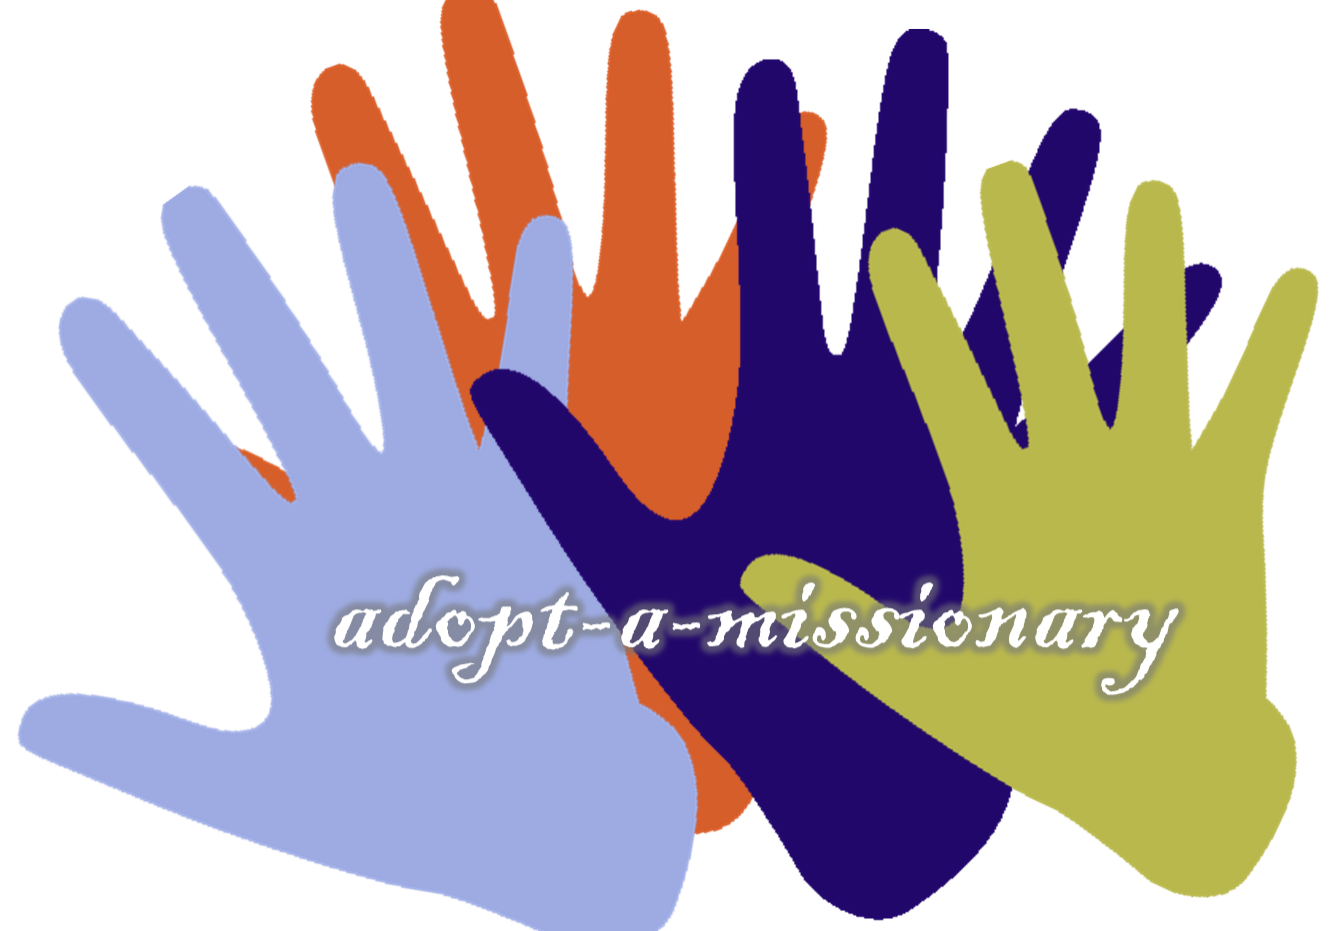 adopt a missionary logo